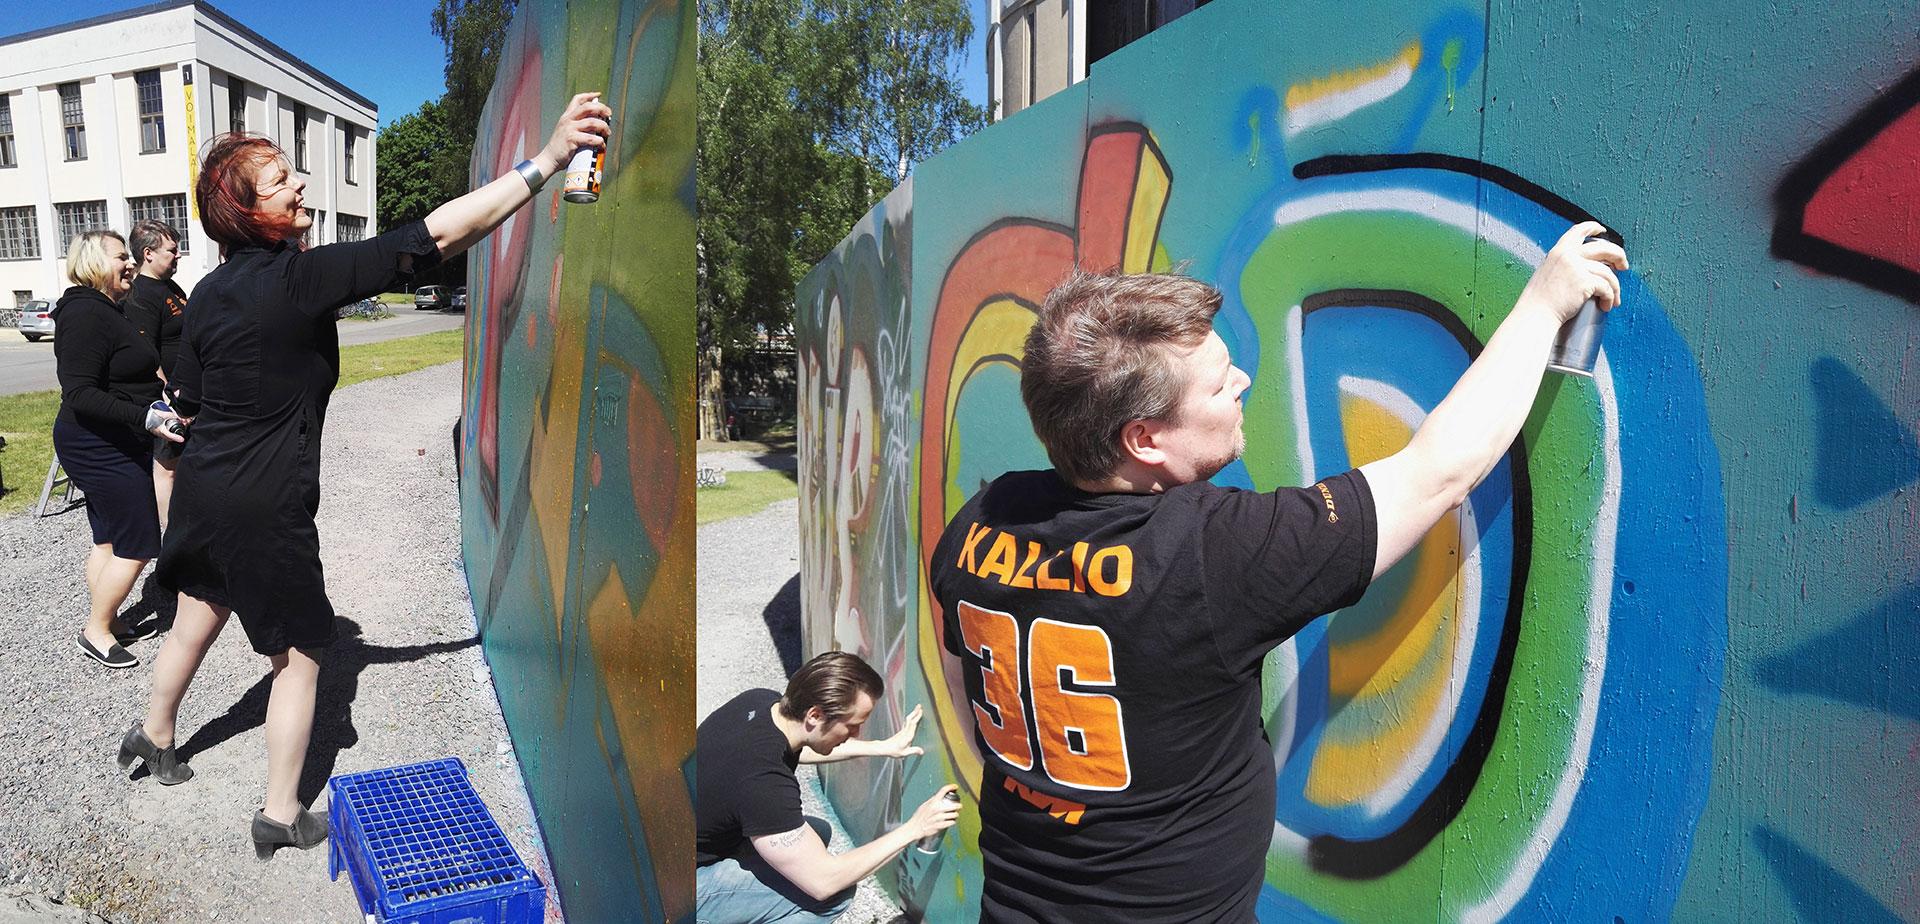 Insinööriliitto Ry:n graffitityöpaja